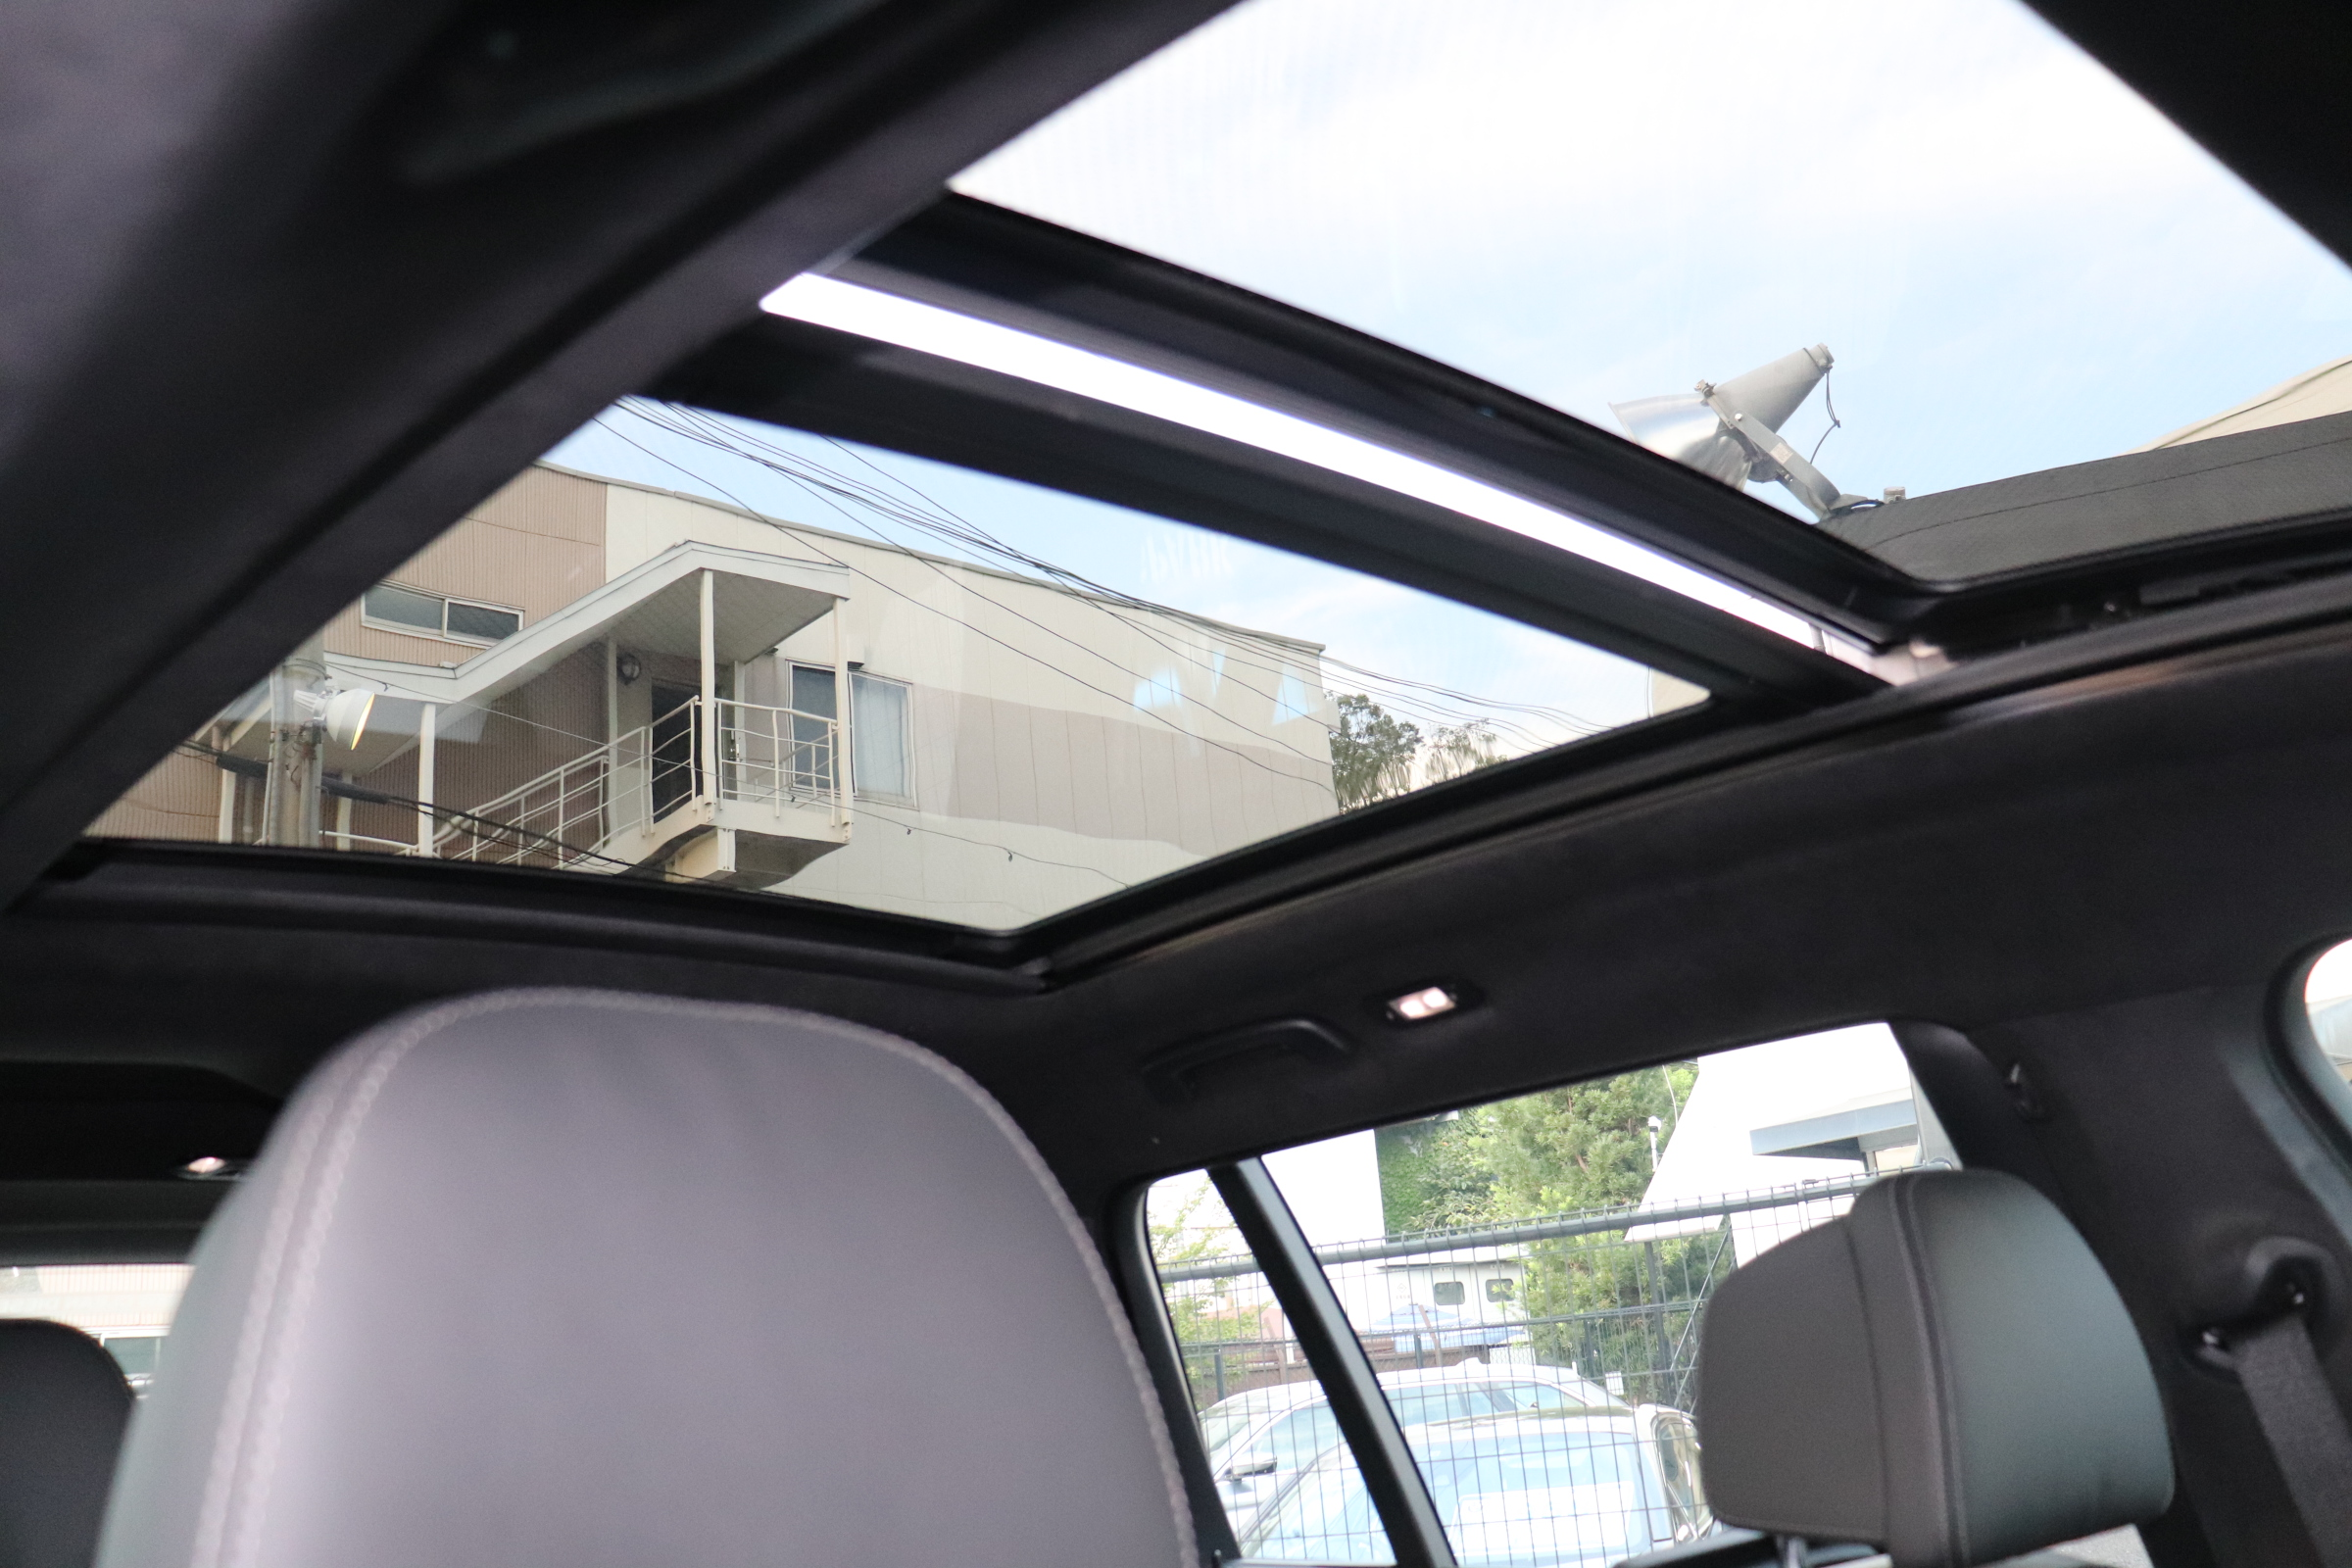 X7 xDrive35d Mスポーツ ウェルネスP スカイラウンジSR リアエンタメ車両画像15